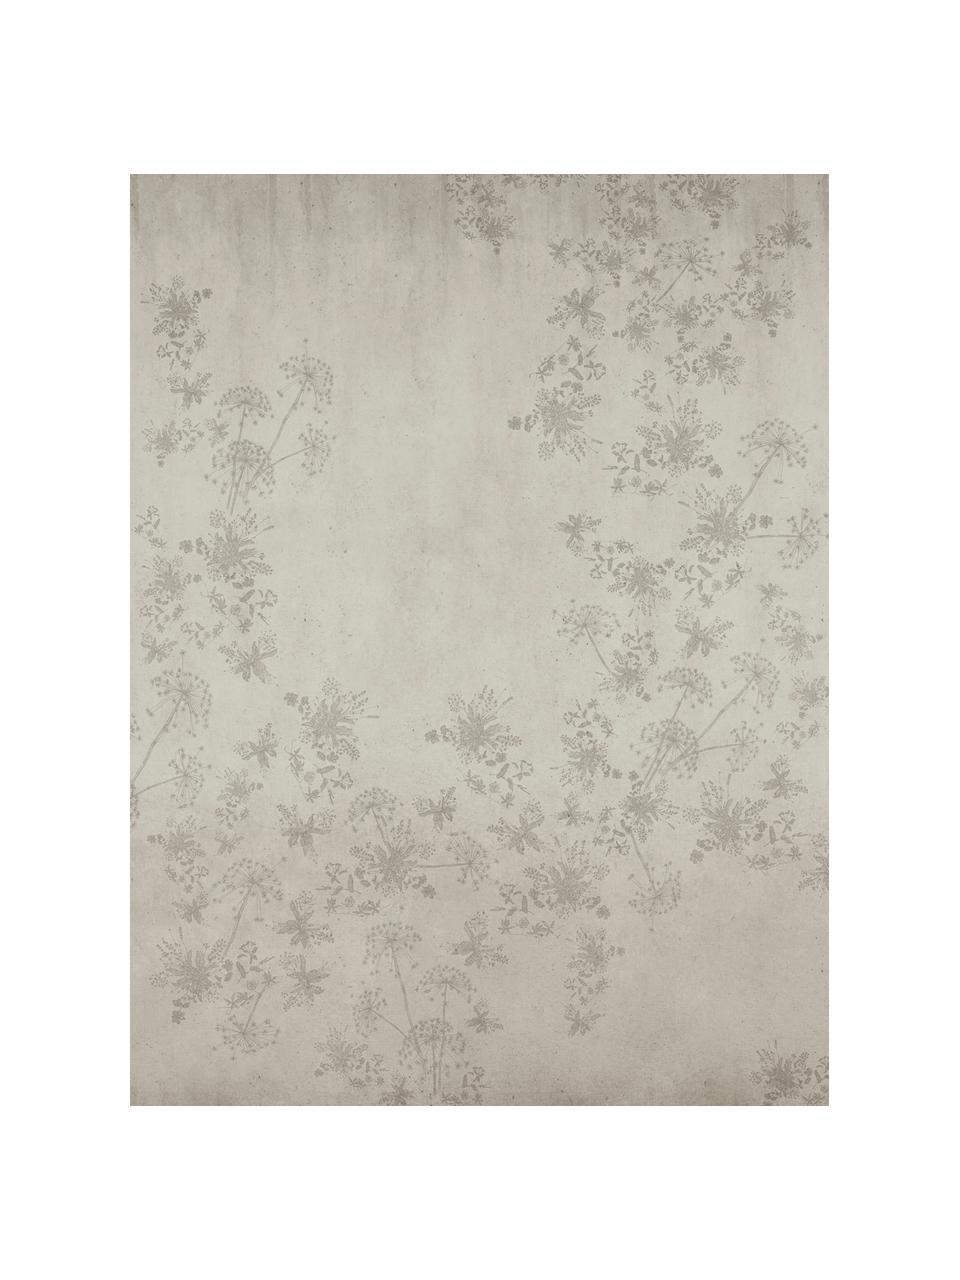 Fototapete Wildflowers, Vlies, Beige, 300 x 280 cm